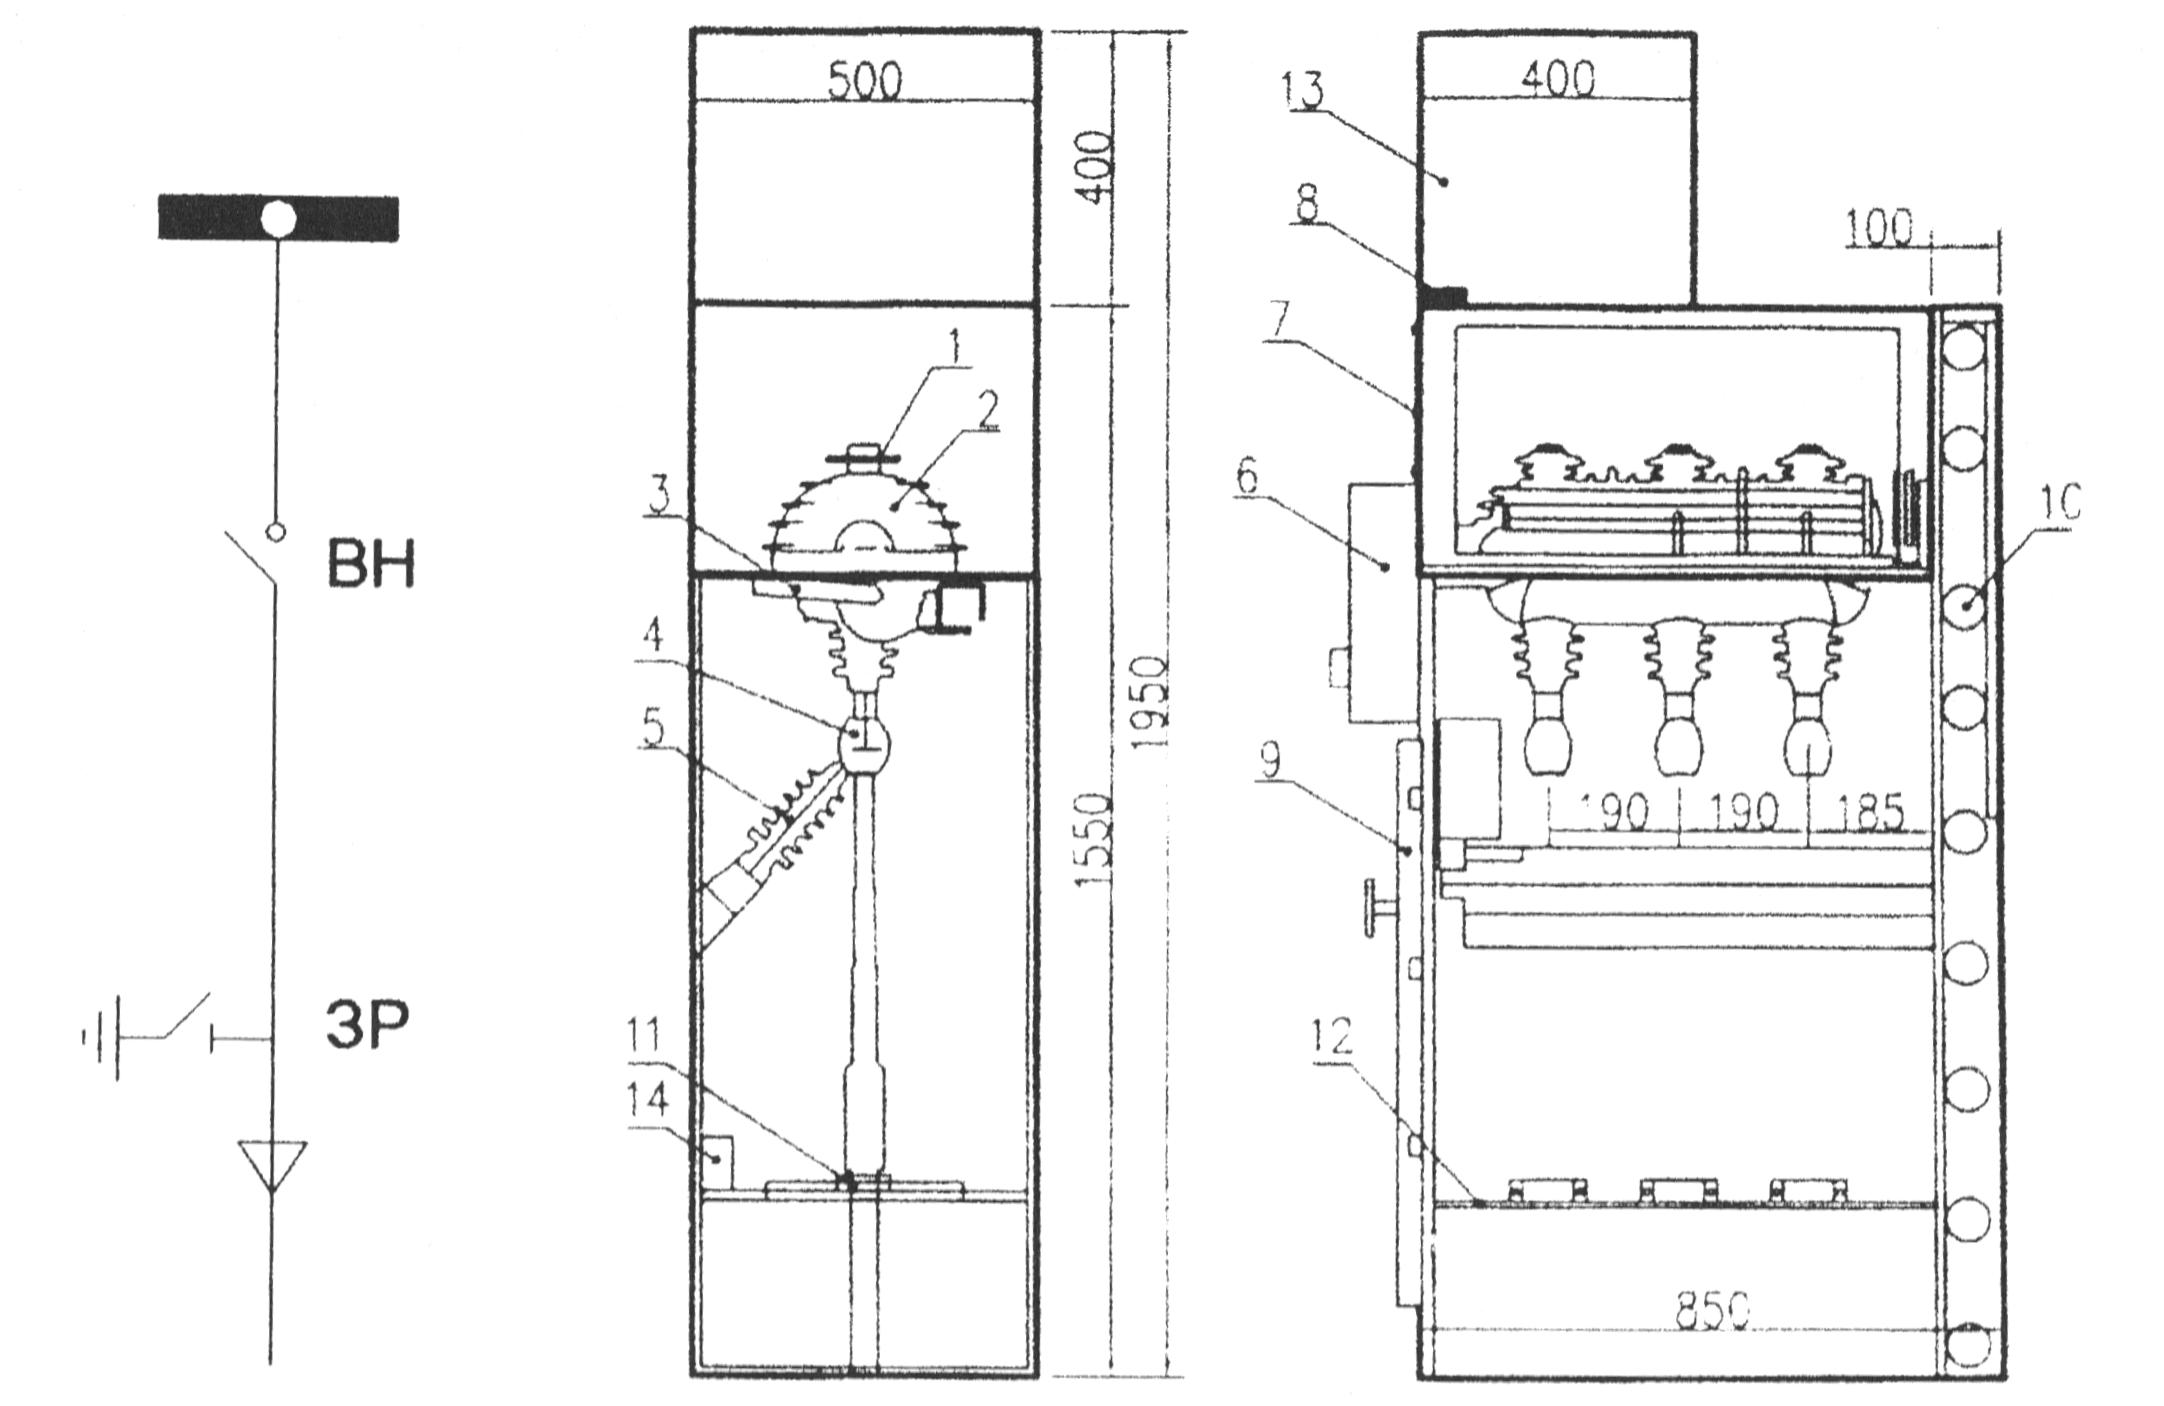 Однолинейная схема, габариты и размещение оборудования в ячейке Alstom типа М-24